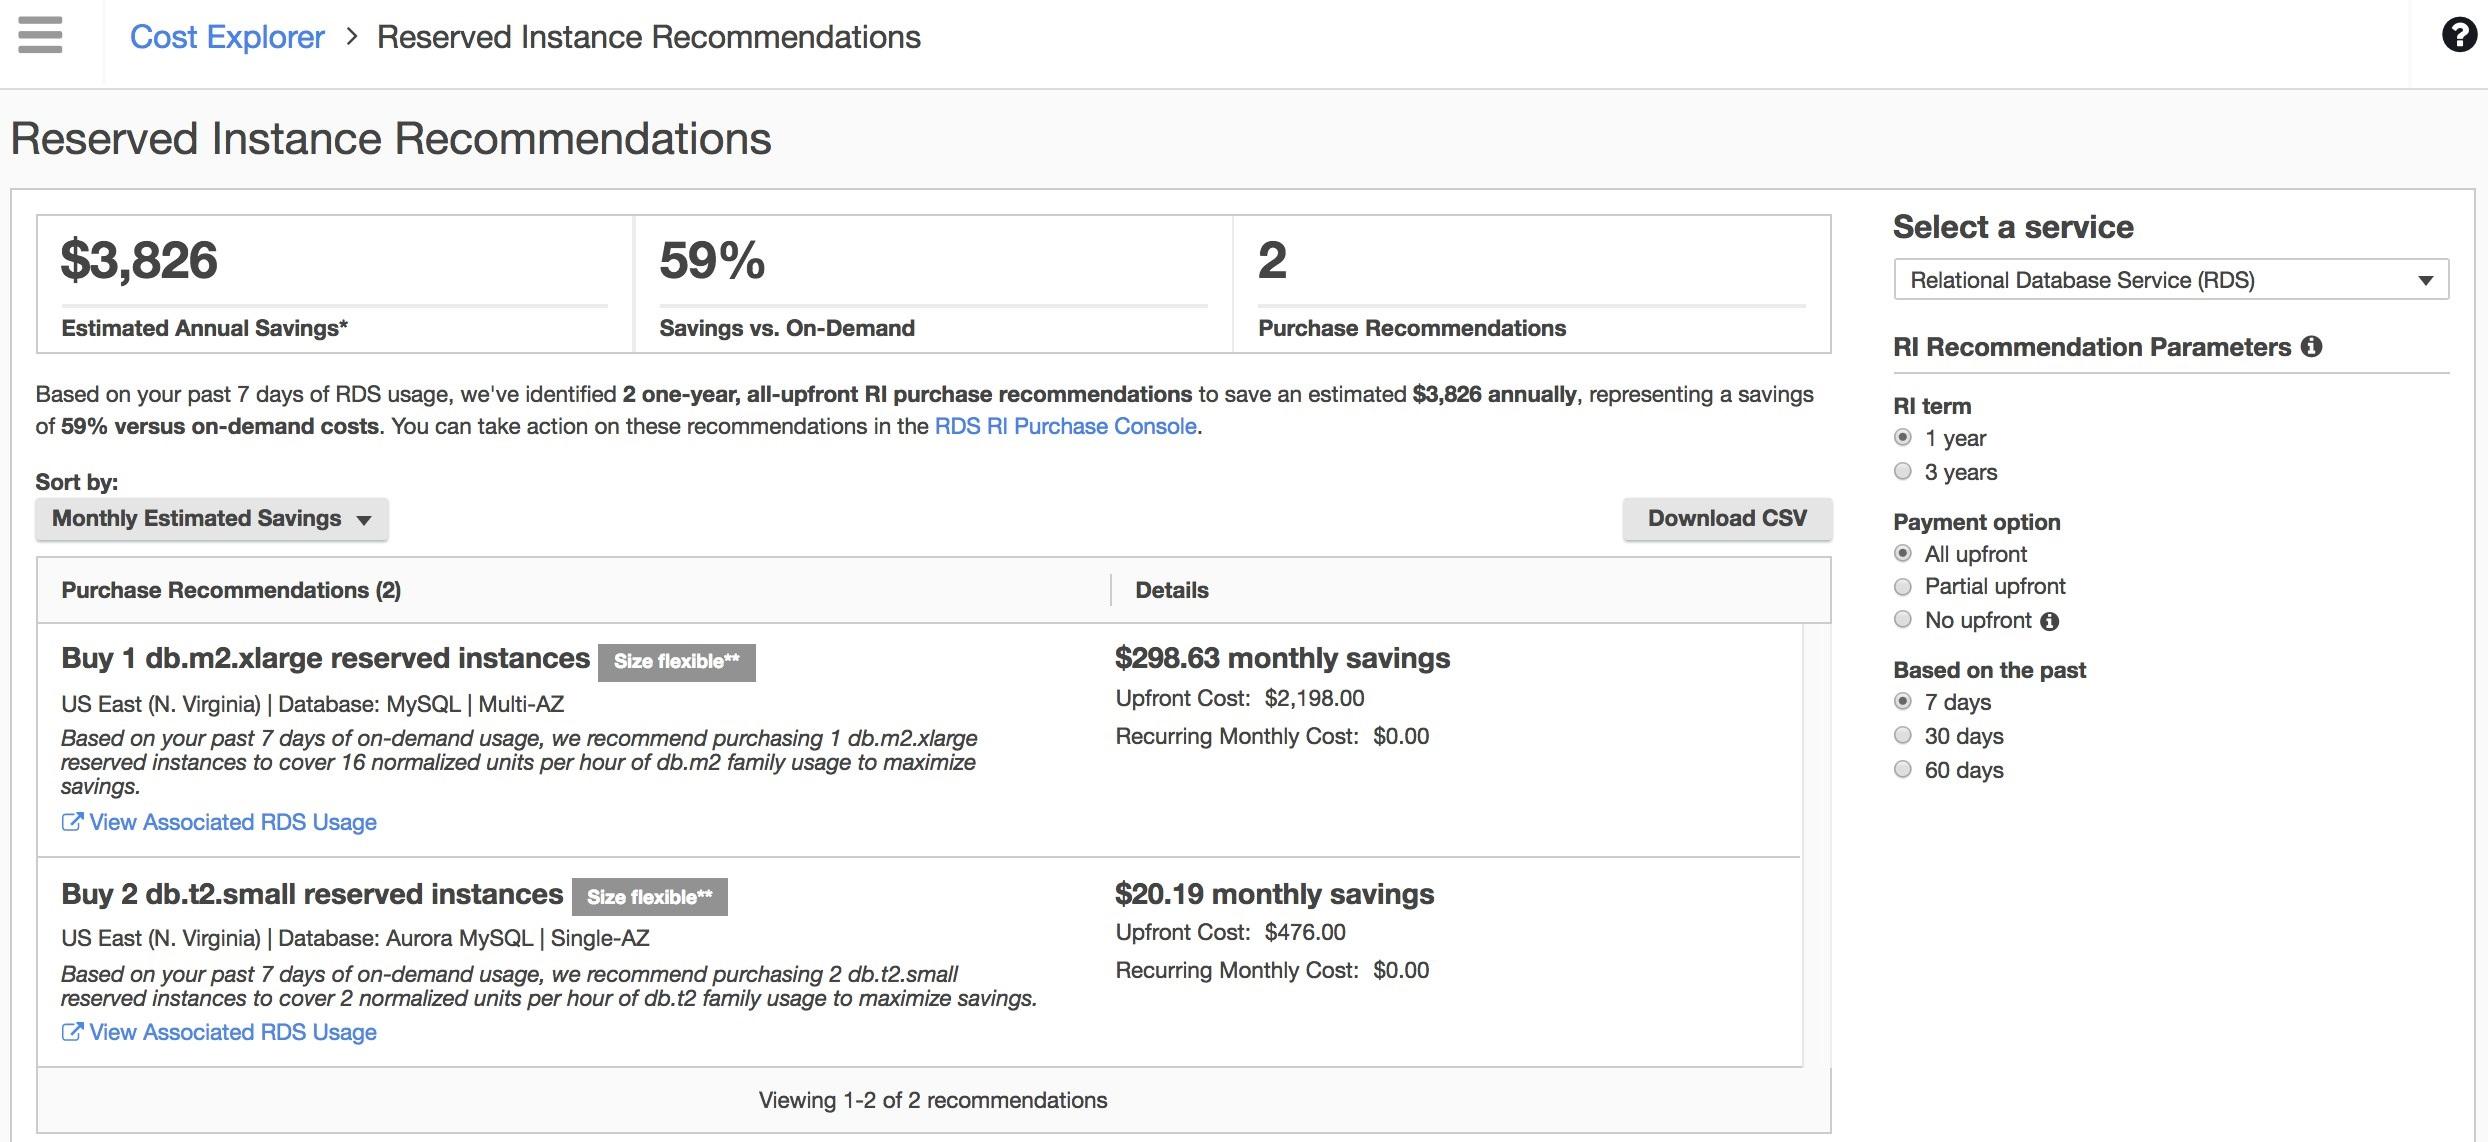 Cost Explorer での、RDS リザーブドインスタンス推奨事項のスクリーンショット